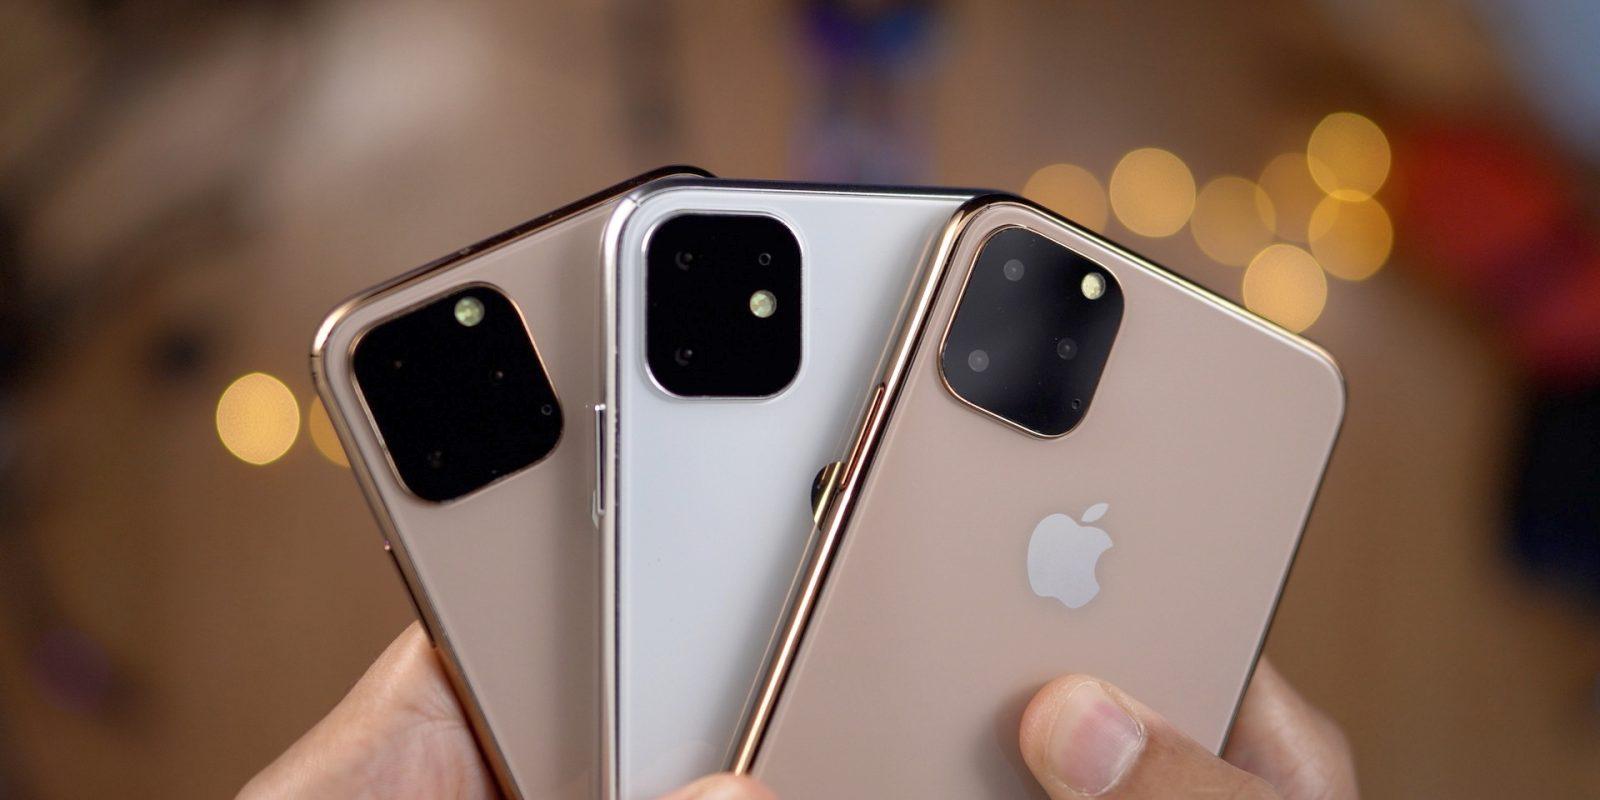 Cách để giúp iPhone của bạn hoạt động nhanh hơn